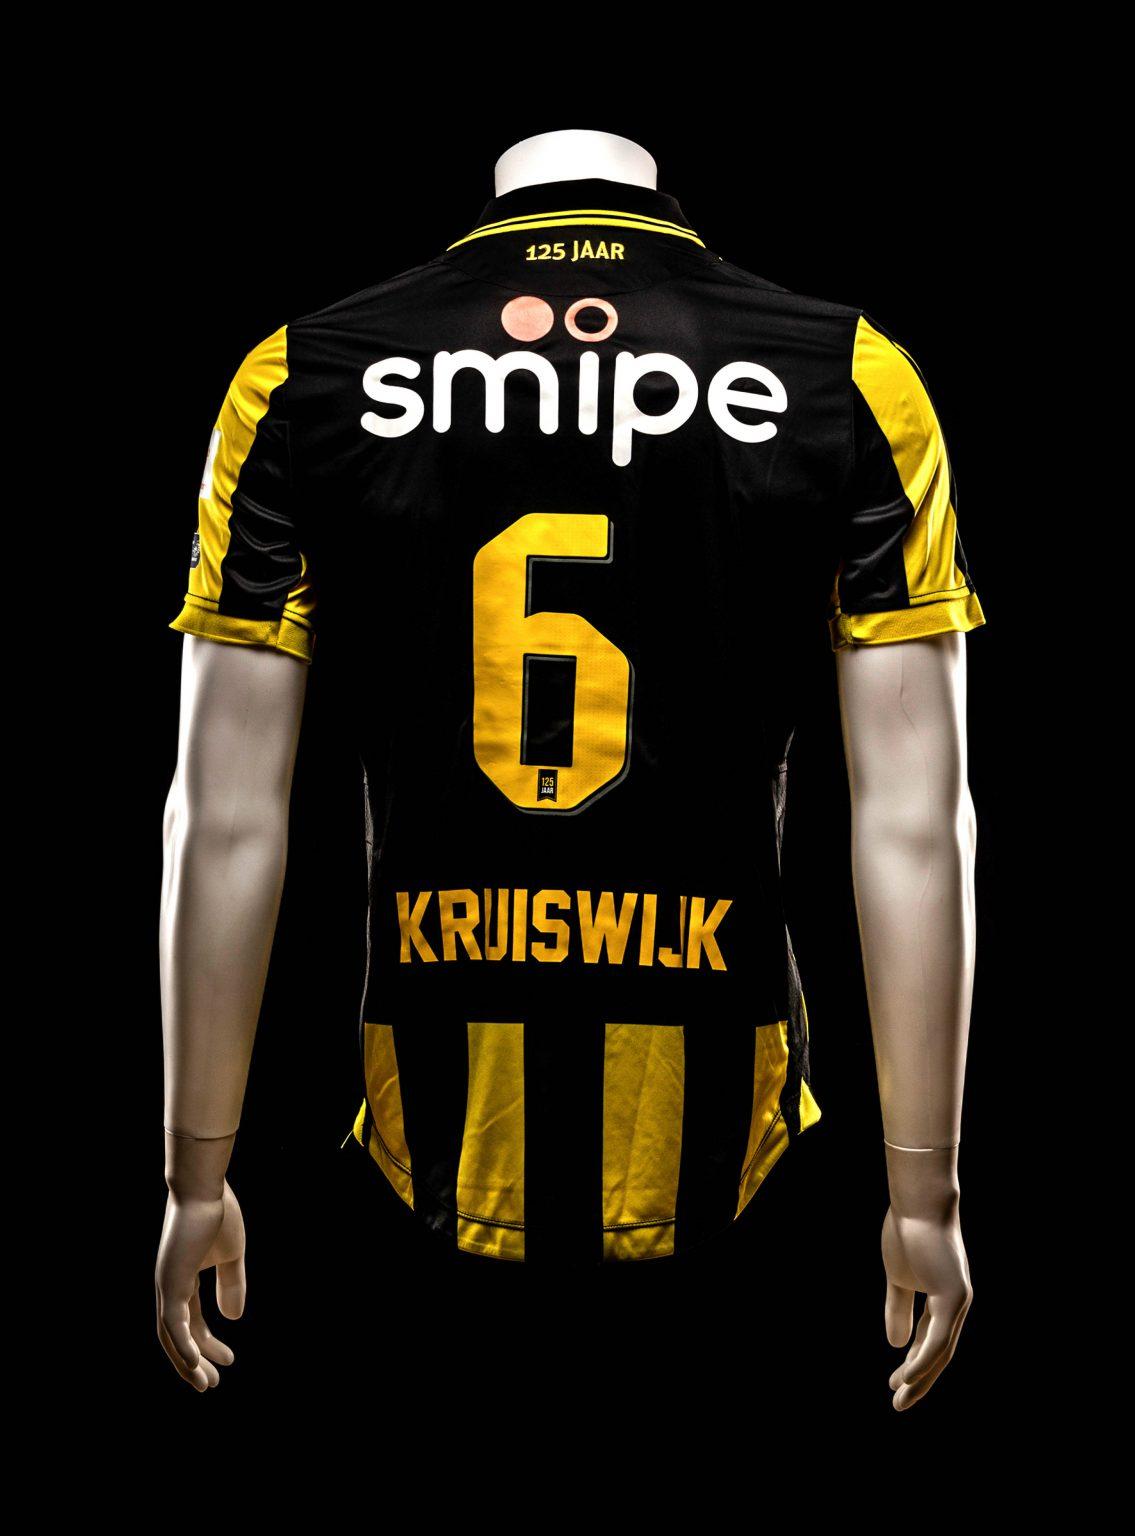 #6 Arnold Kruiswijk